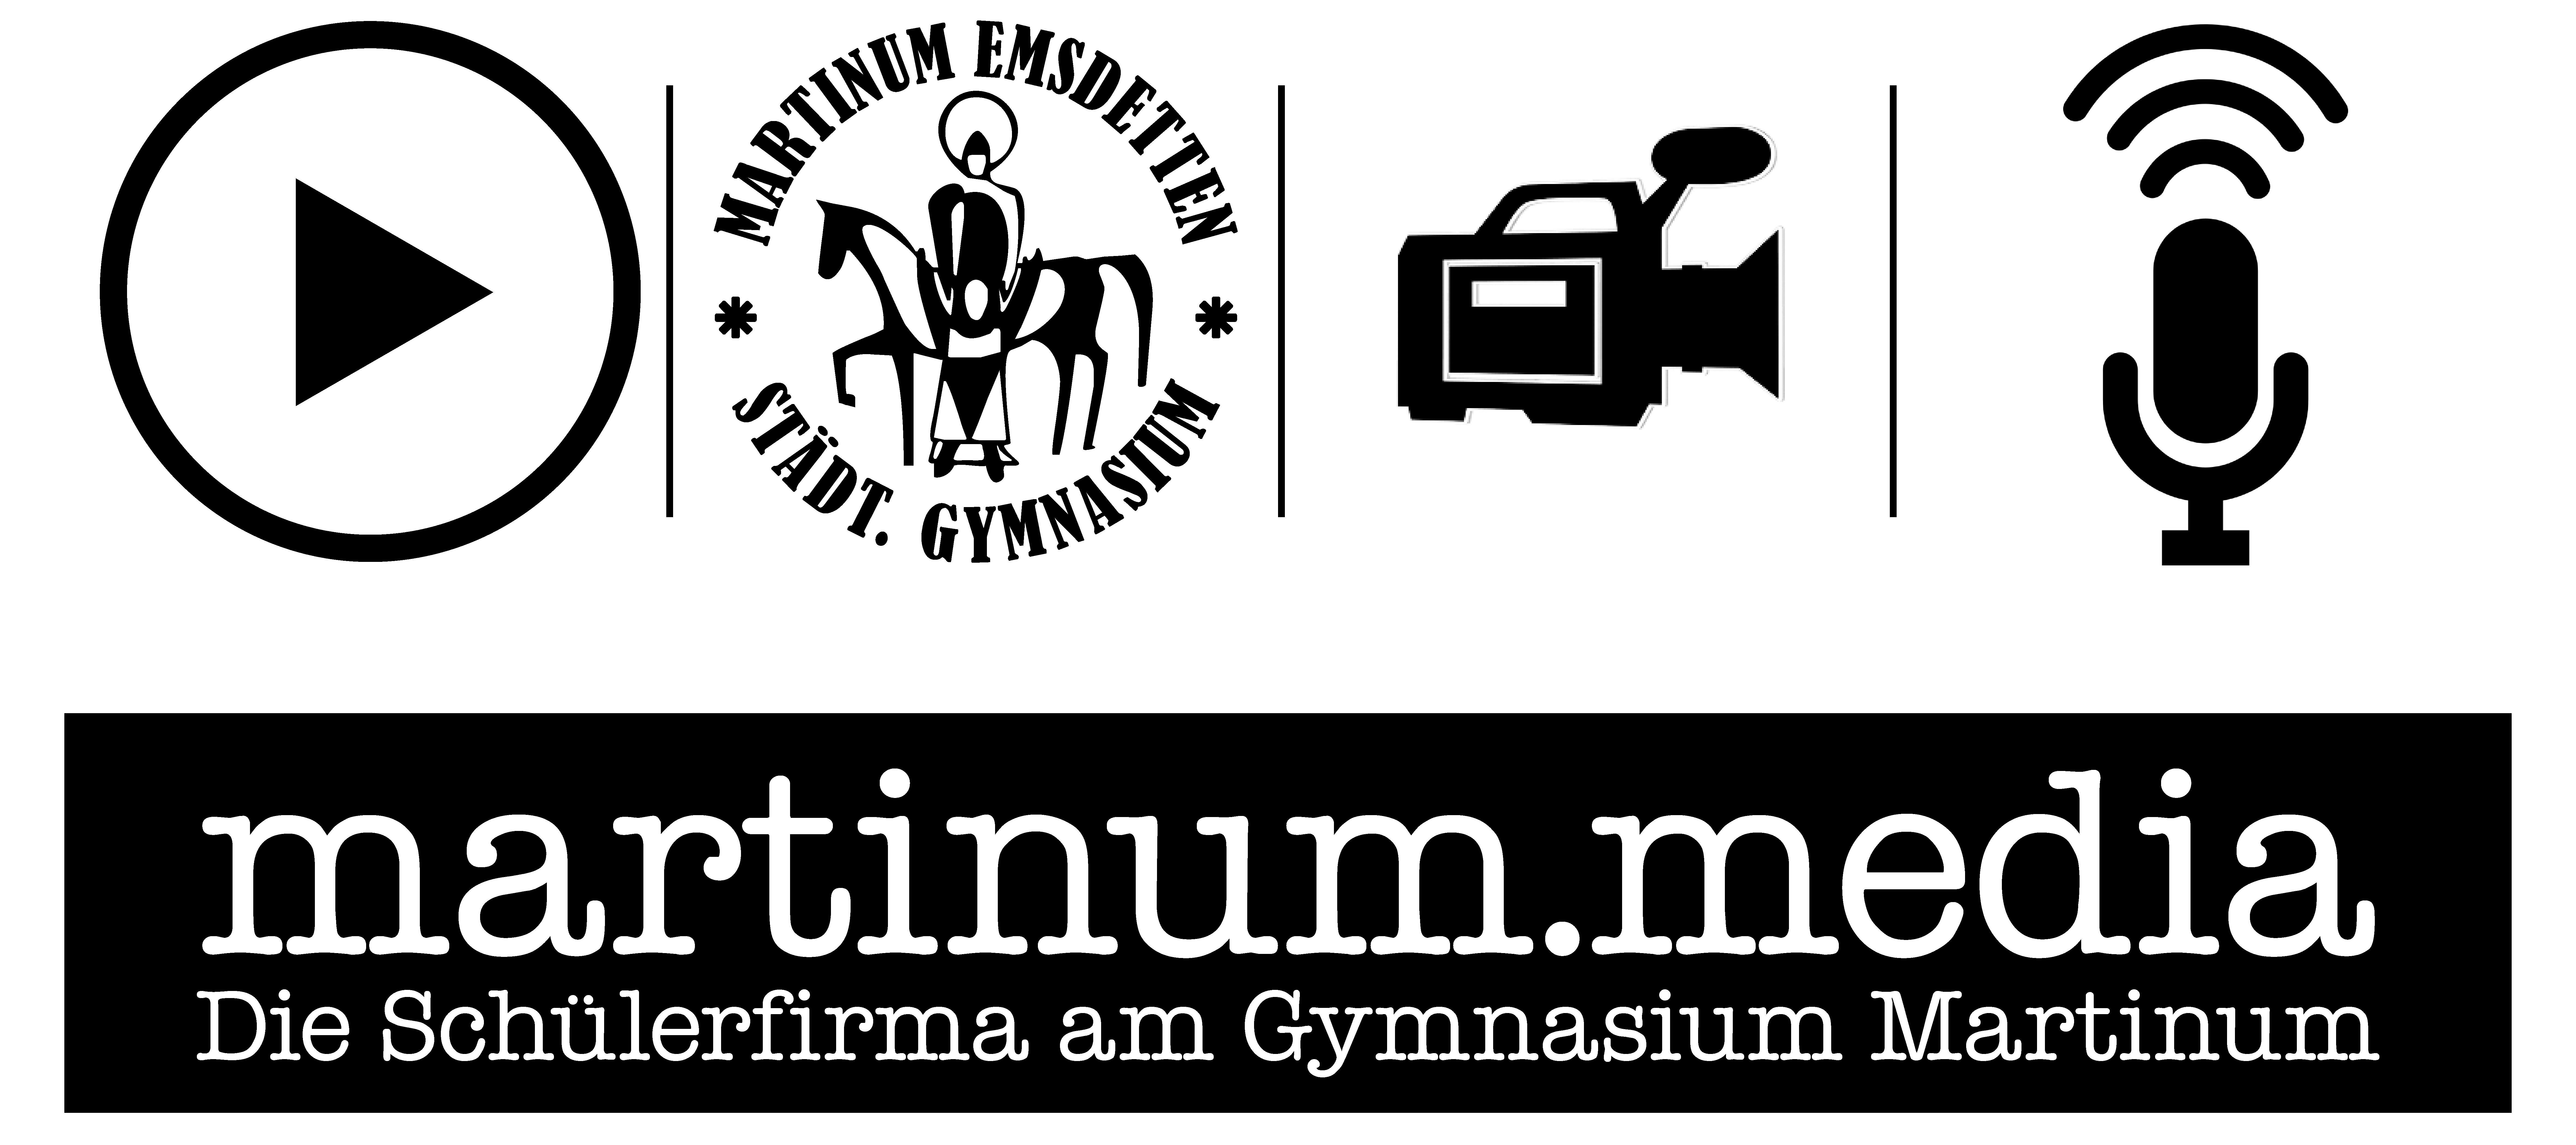 martinum.media